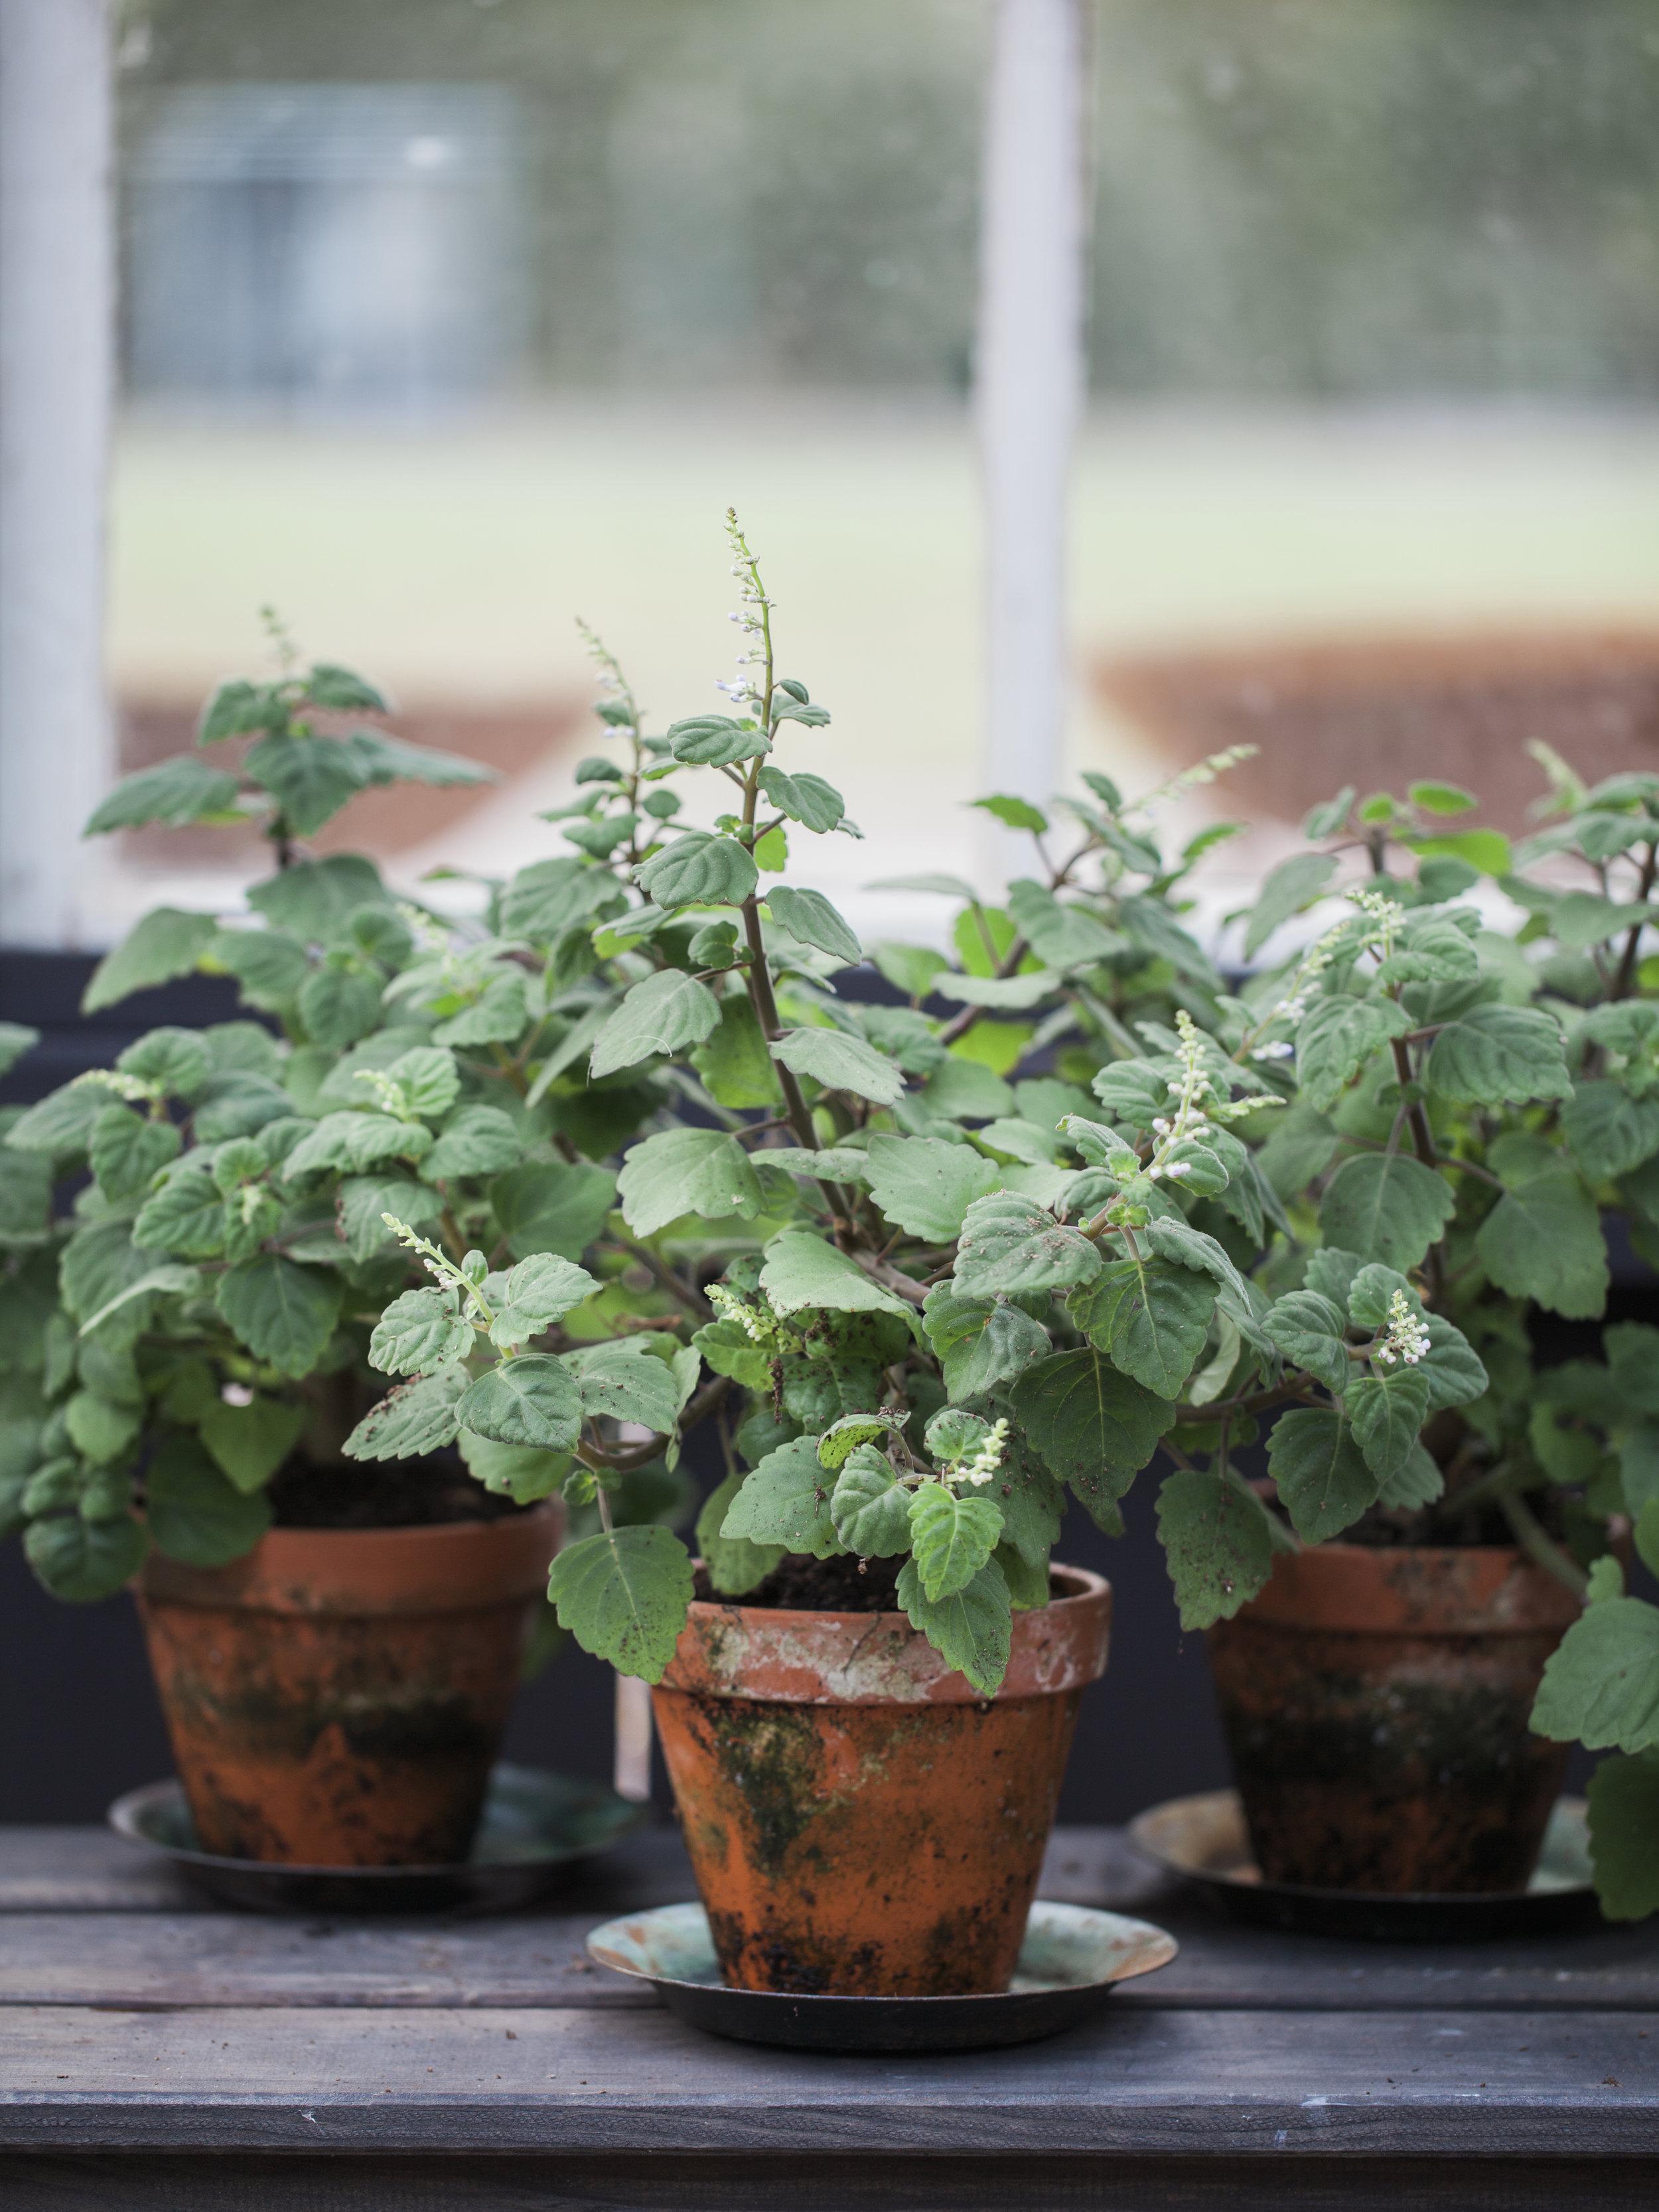 KRUKVÄXTER   Vi älskar krukväxter! Hos oss hittar ni ovanliga krukväxter, ofta i härligt patinerade lerkrukor. Vi åker regelbundet till Danmark och handplockar våra växer direkt hos odlare för att kunna erbjuda ett unikt sortiment.